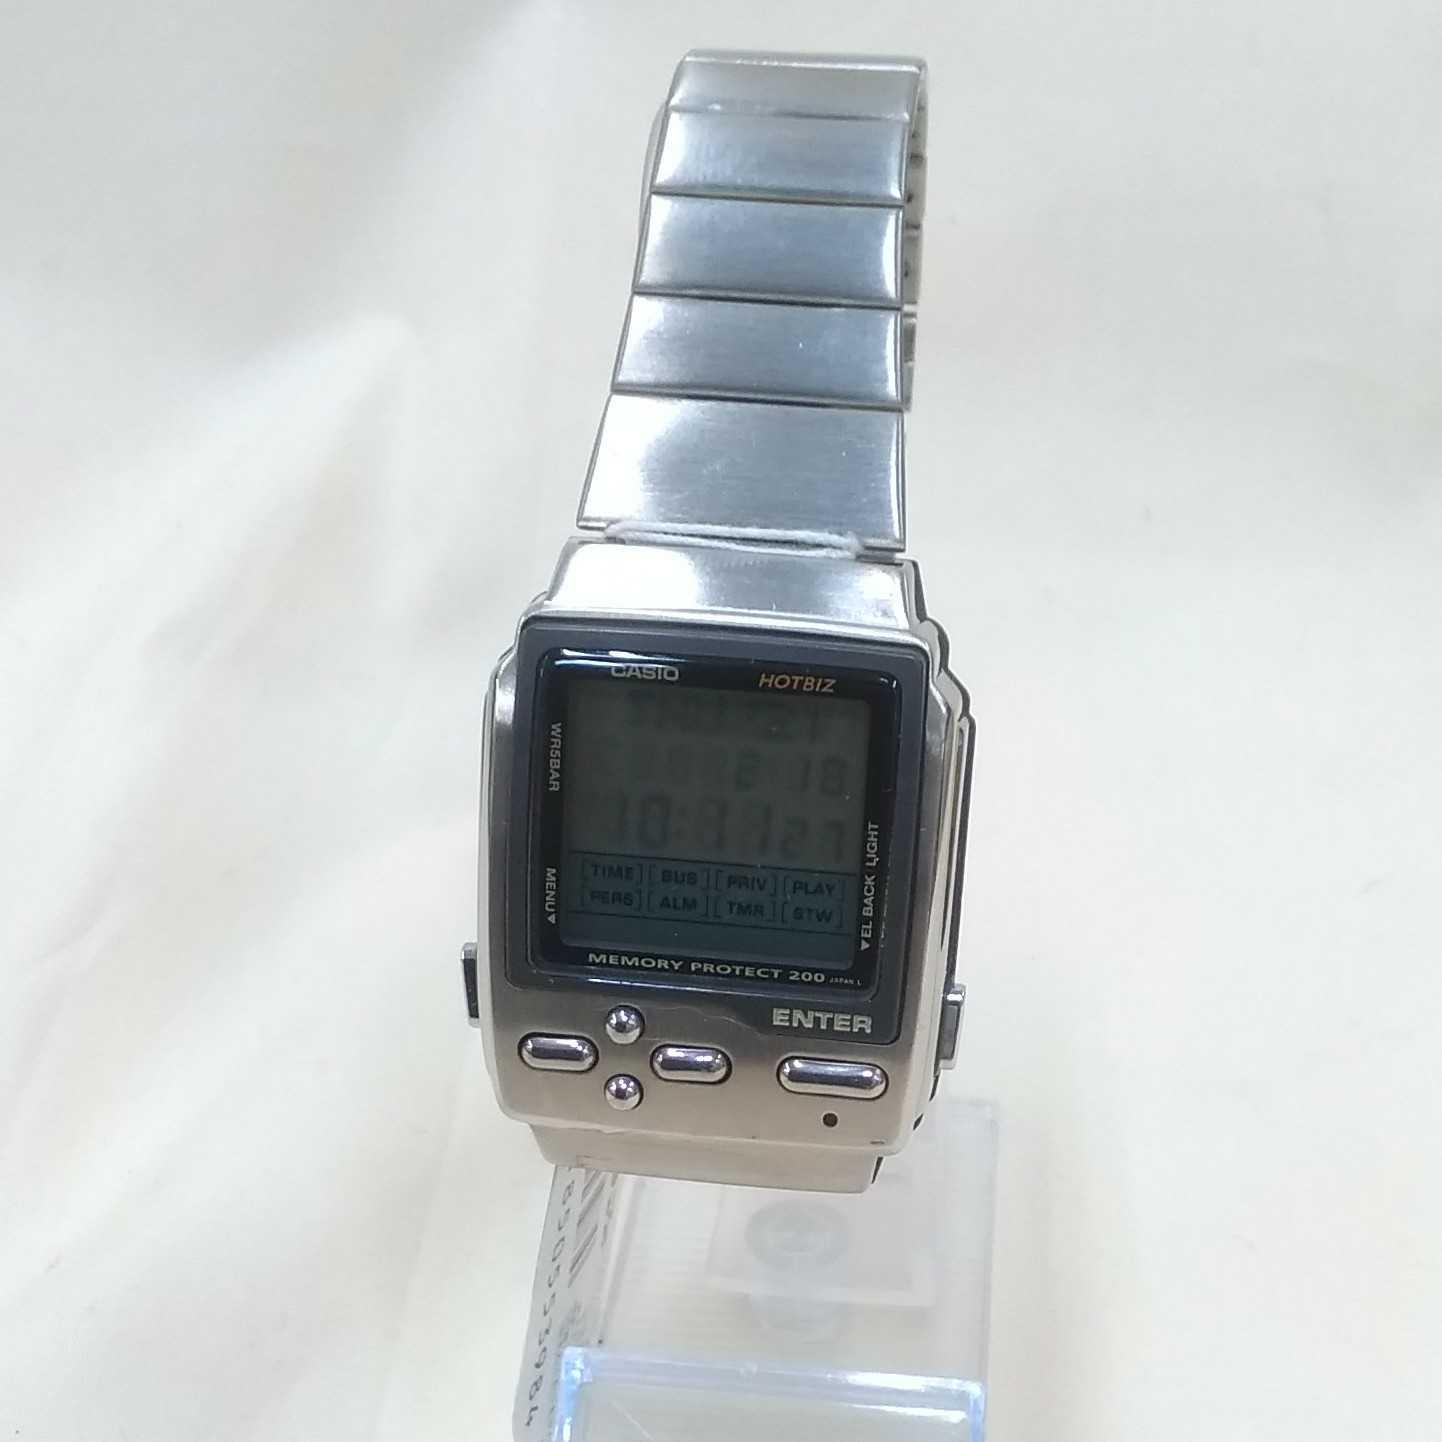 腕時計 HOTBIZ CASIO